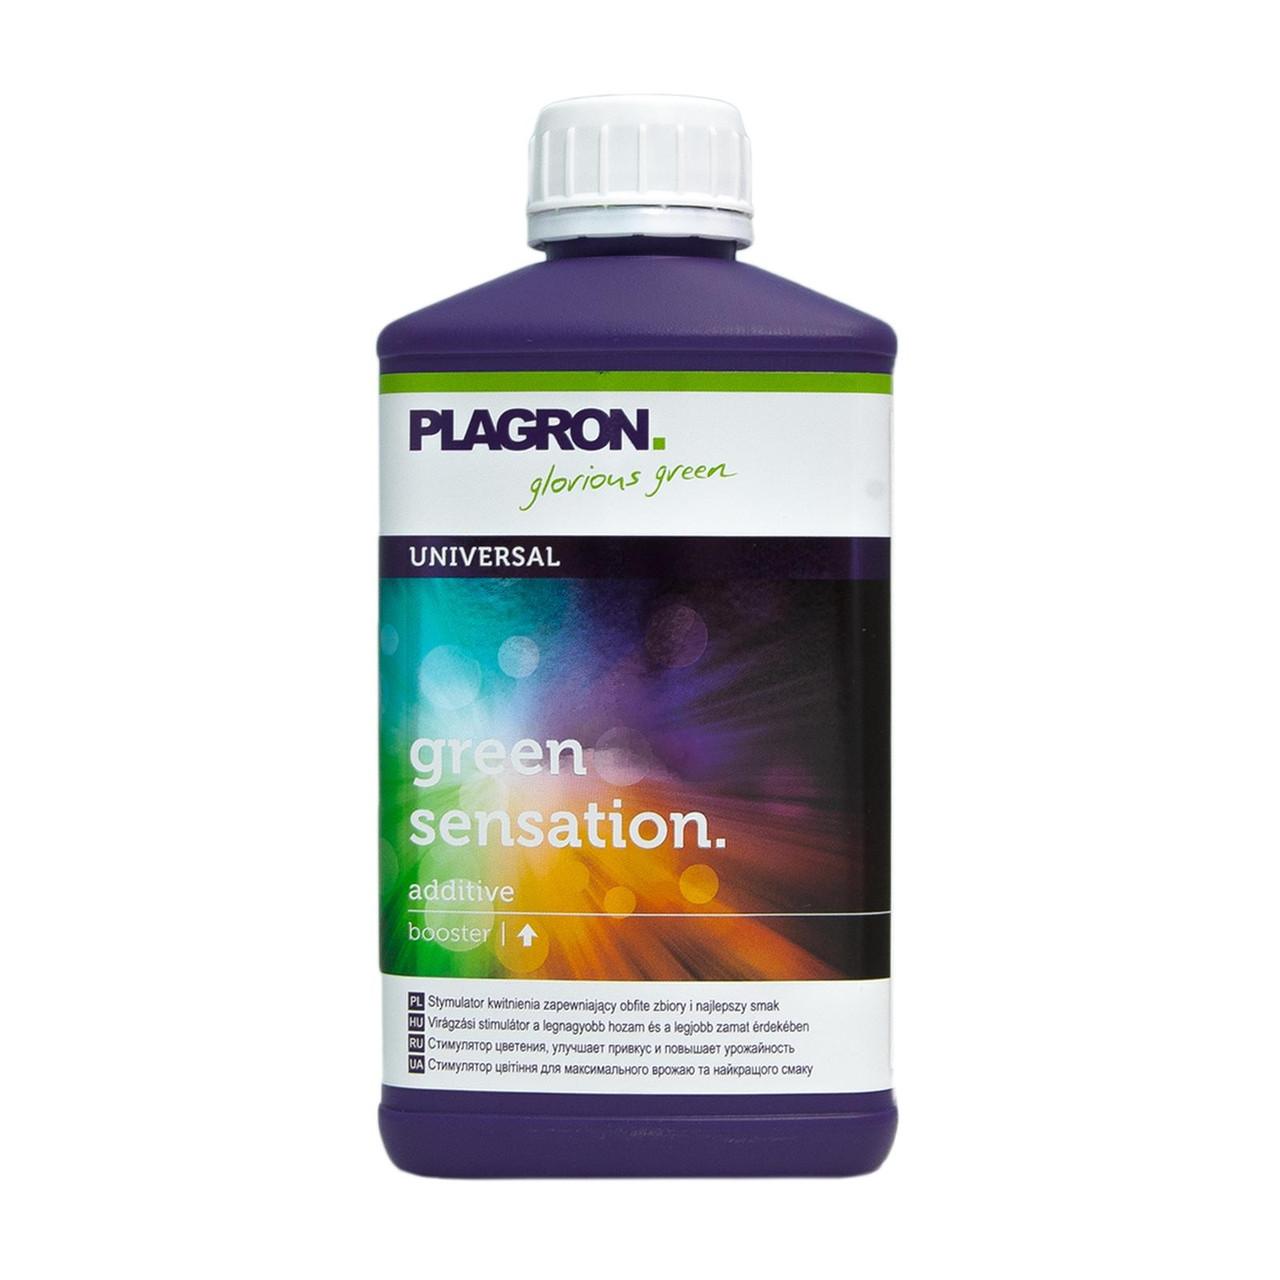 PLAGRON Green Sensation 1l удобрение для гидропоники. Оригинал. Нидерланды.